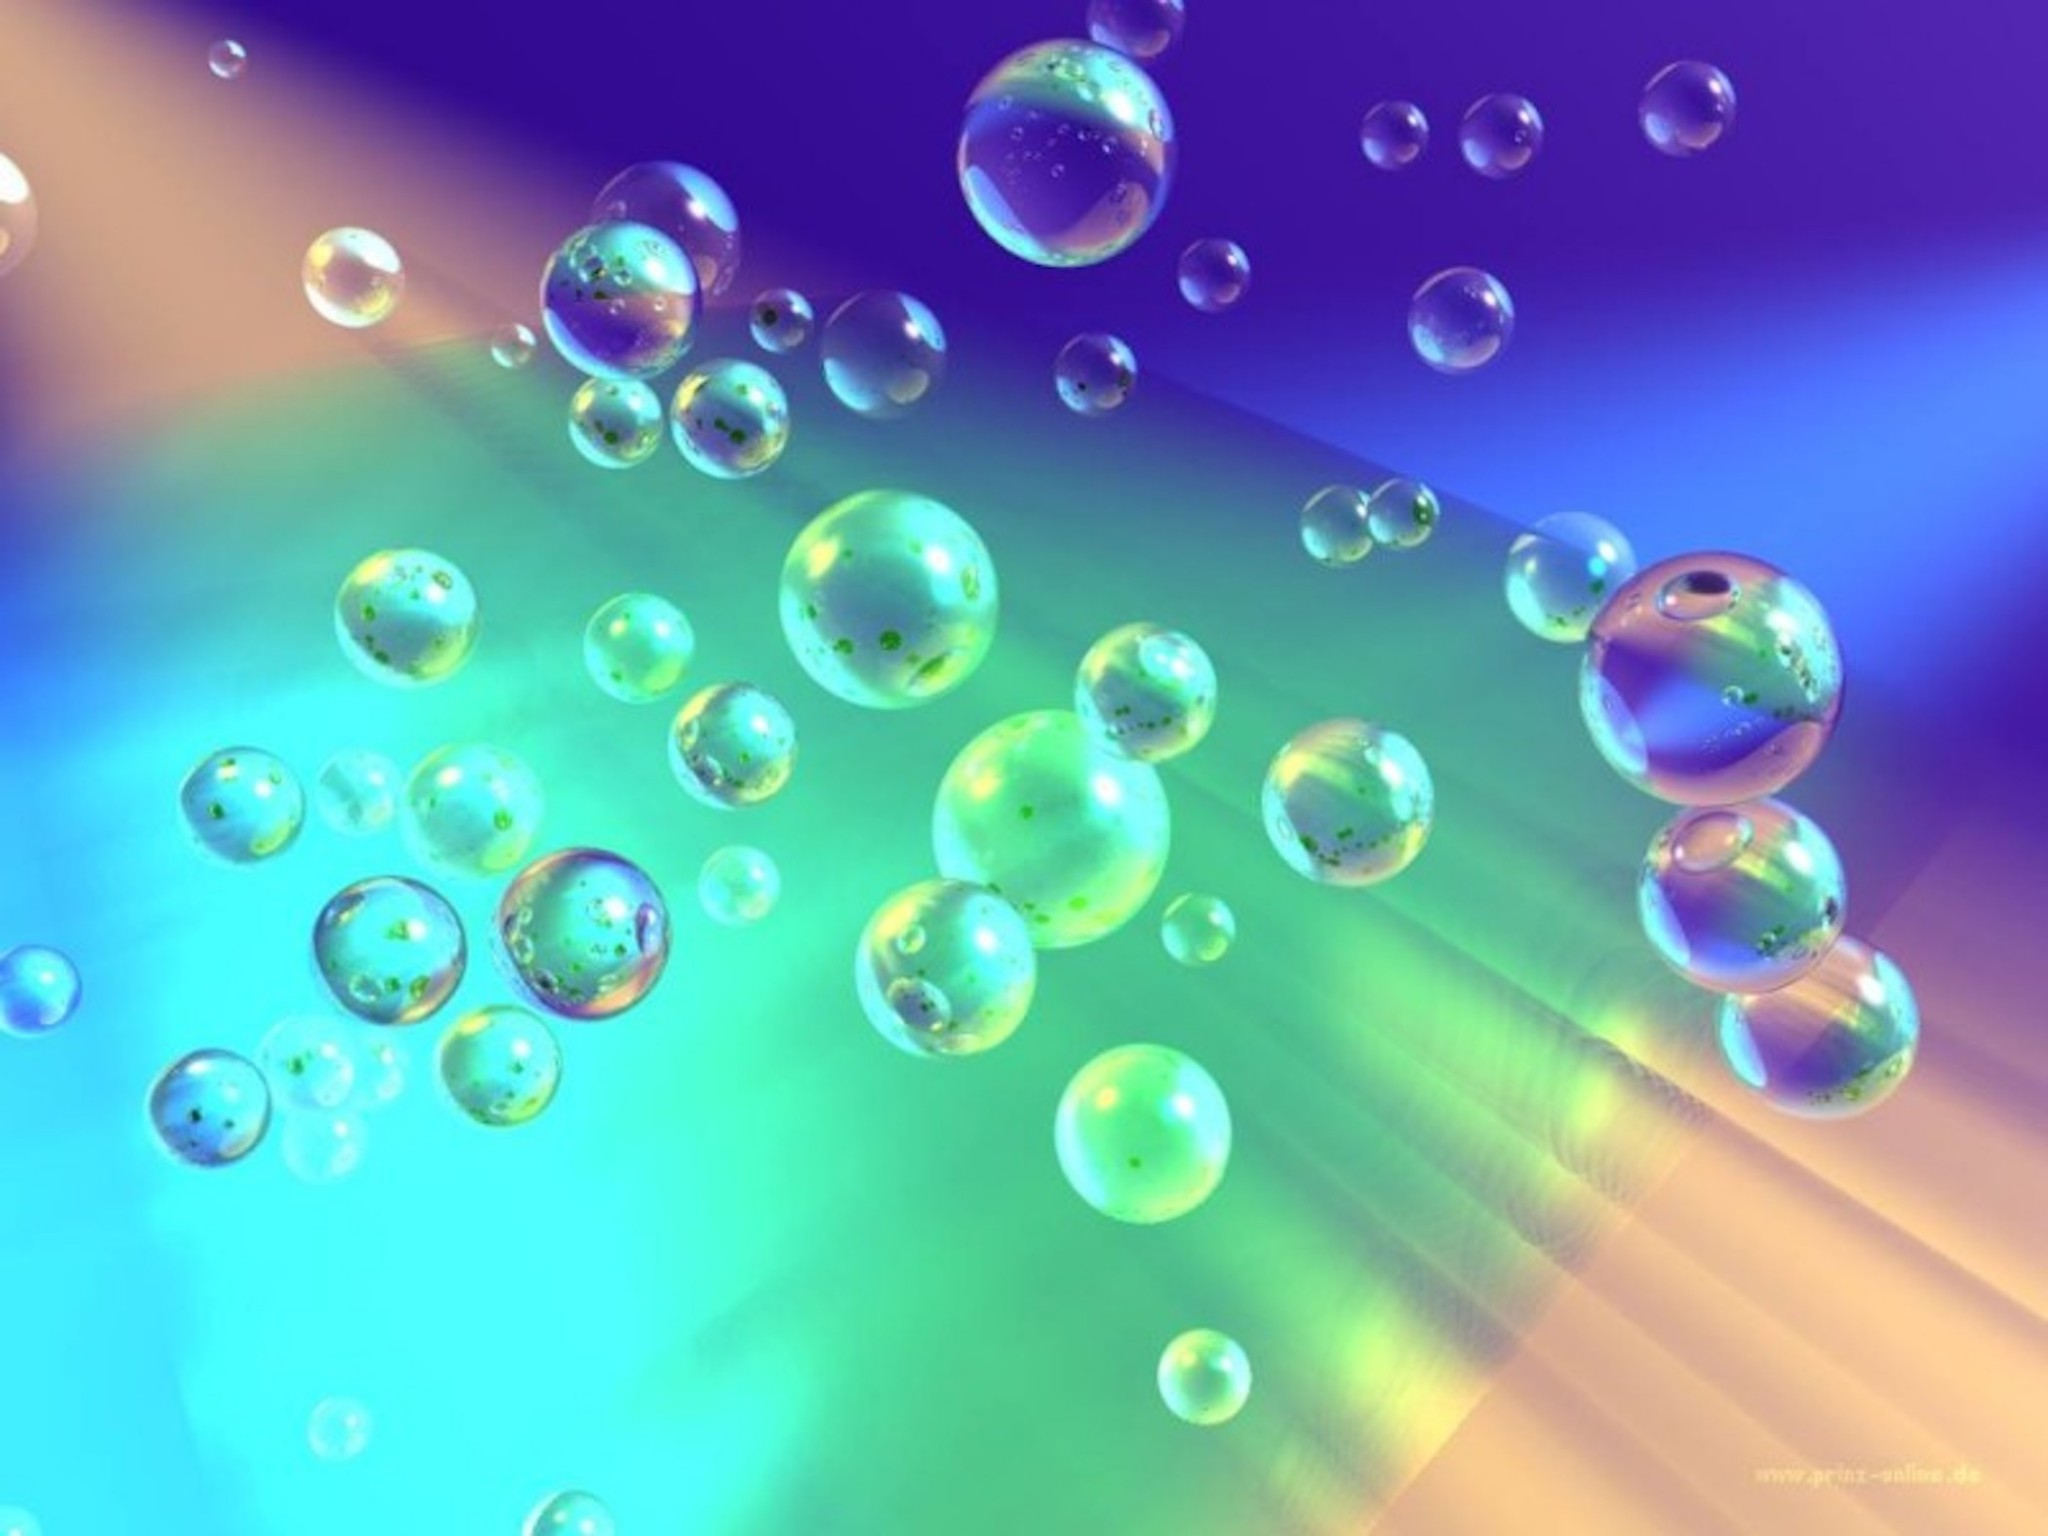 3d Bubbles Wallpaper: 3D Bubbles Wallpaper-Free 3D Background Downloads